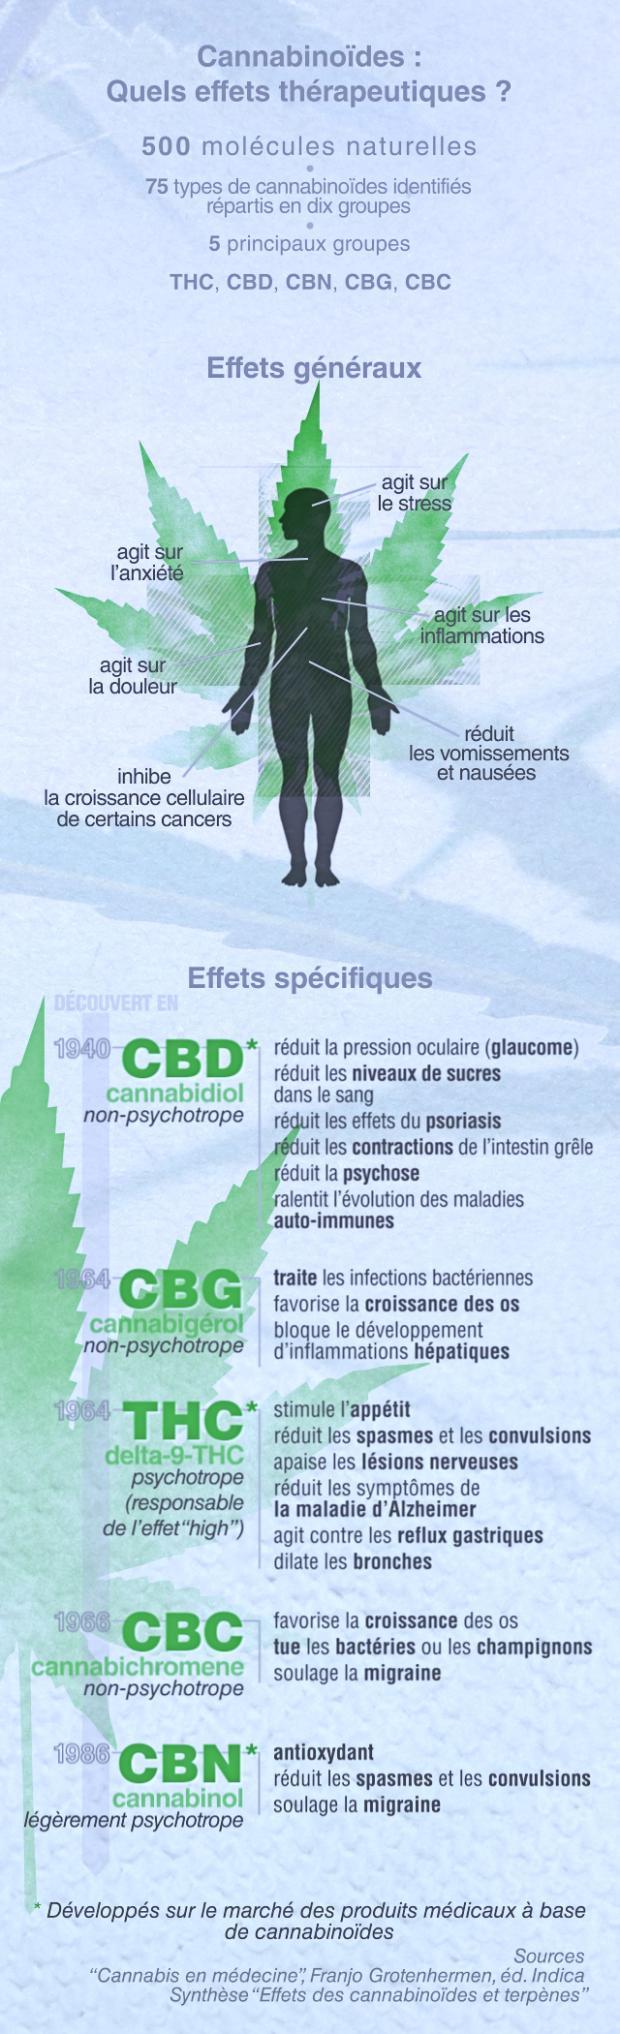 Cannabinoïdes : Quels effets thérapeutiques?